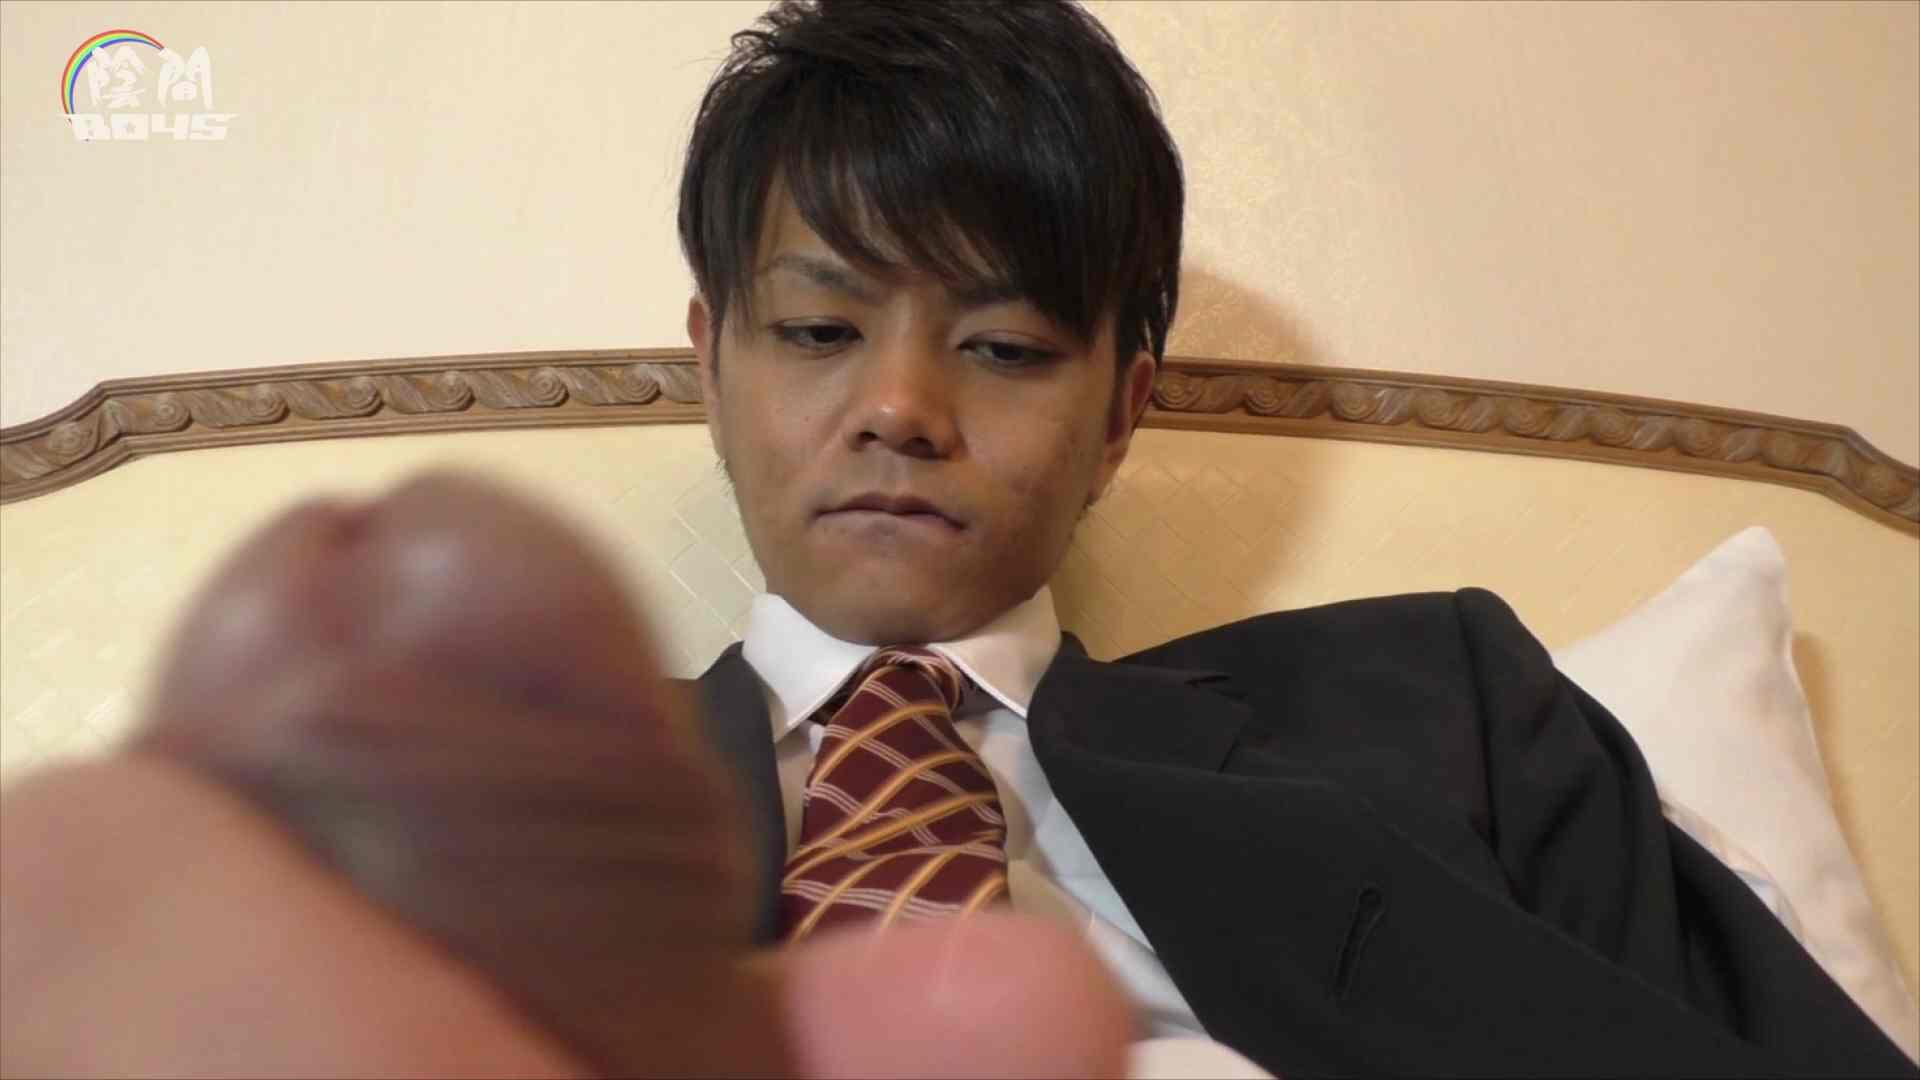 陰間BOYS~キャバクラの仕事はアナルから4 Vol.01 アナル ゲイザーメン画像 82枚 23